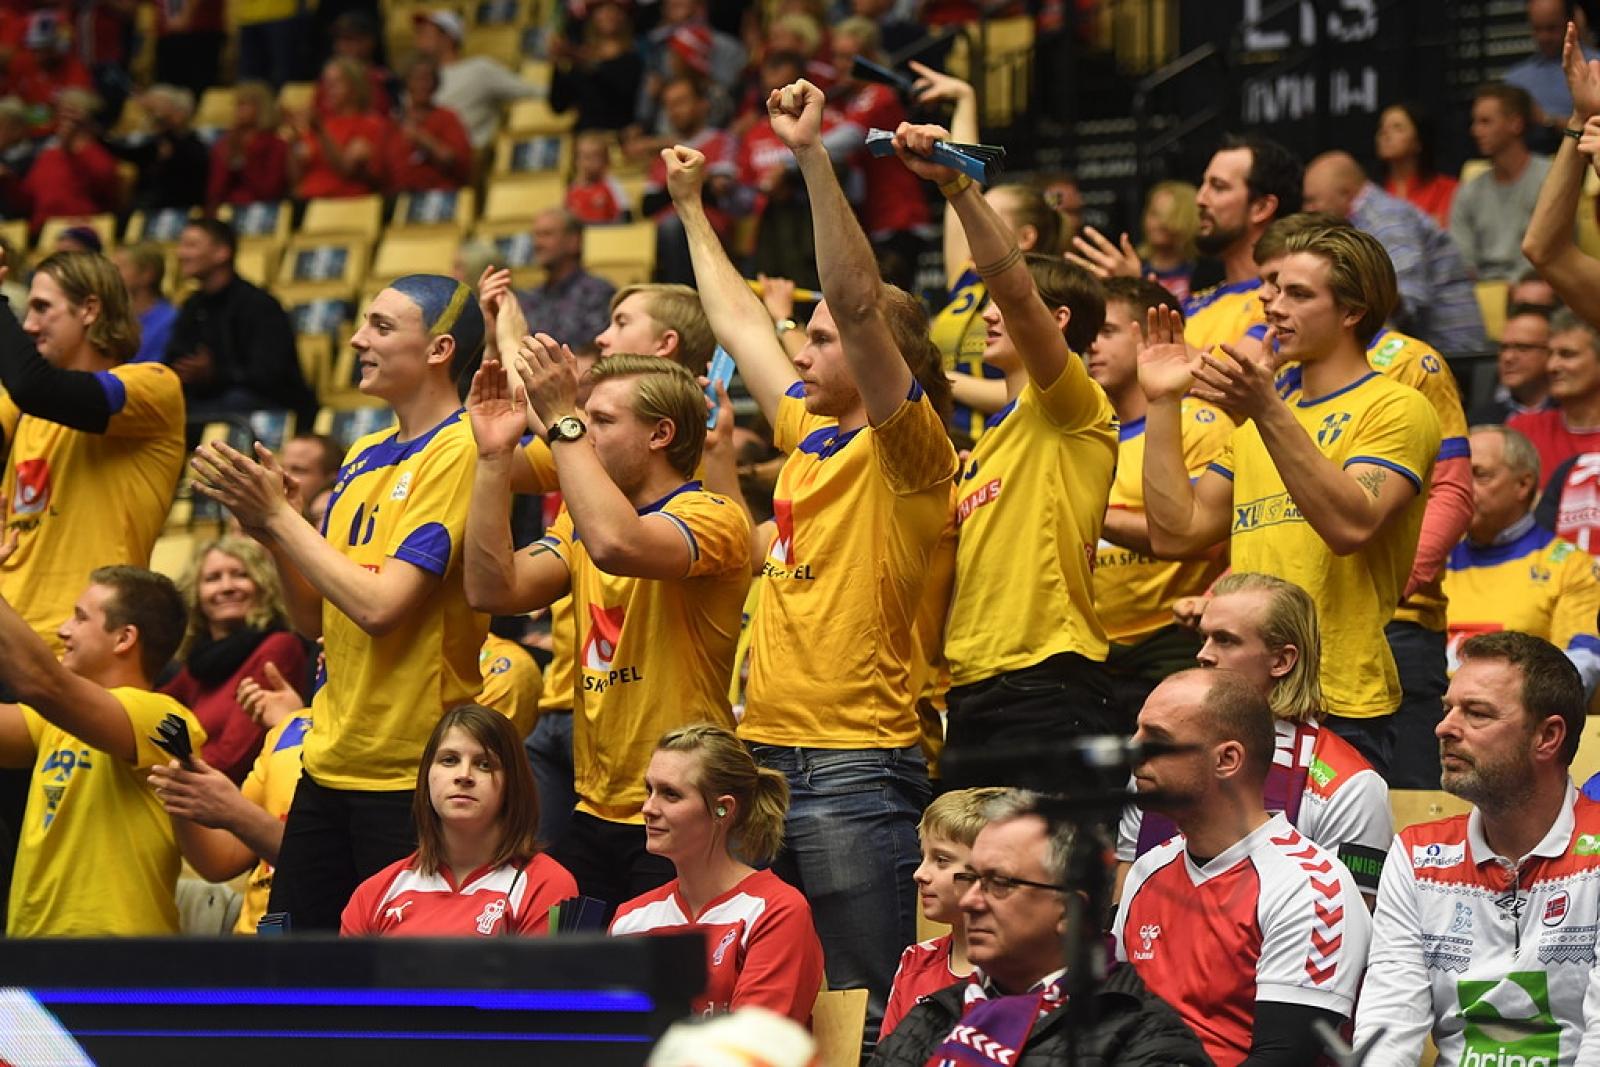 De svenska fansen jublar efter mål i måndagens VM-hanbollsrysare i VM  mellan Sverige och Norge i Jyske Bank Boxen.Foto Fredrik Sandberg   TT 3d8e1775cff2c